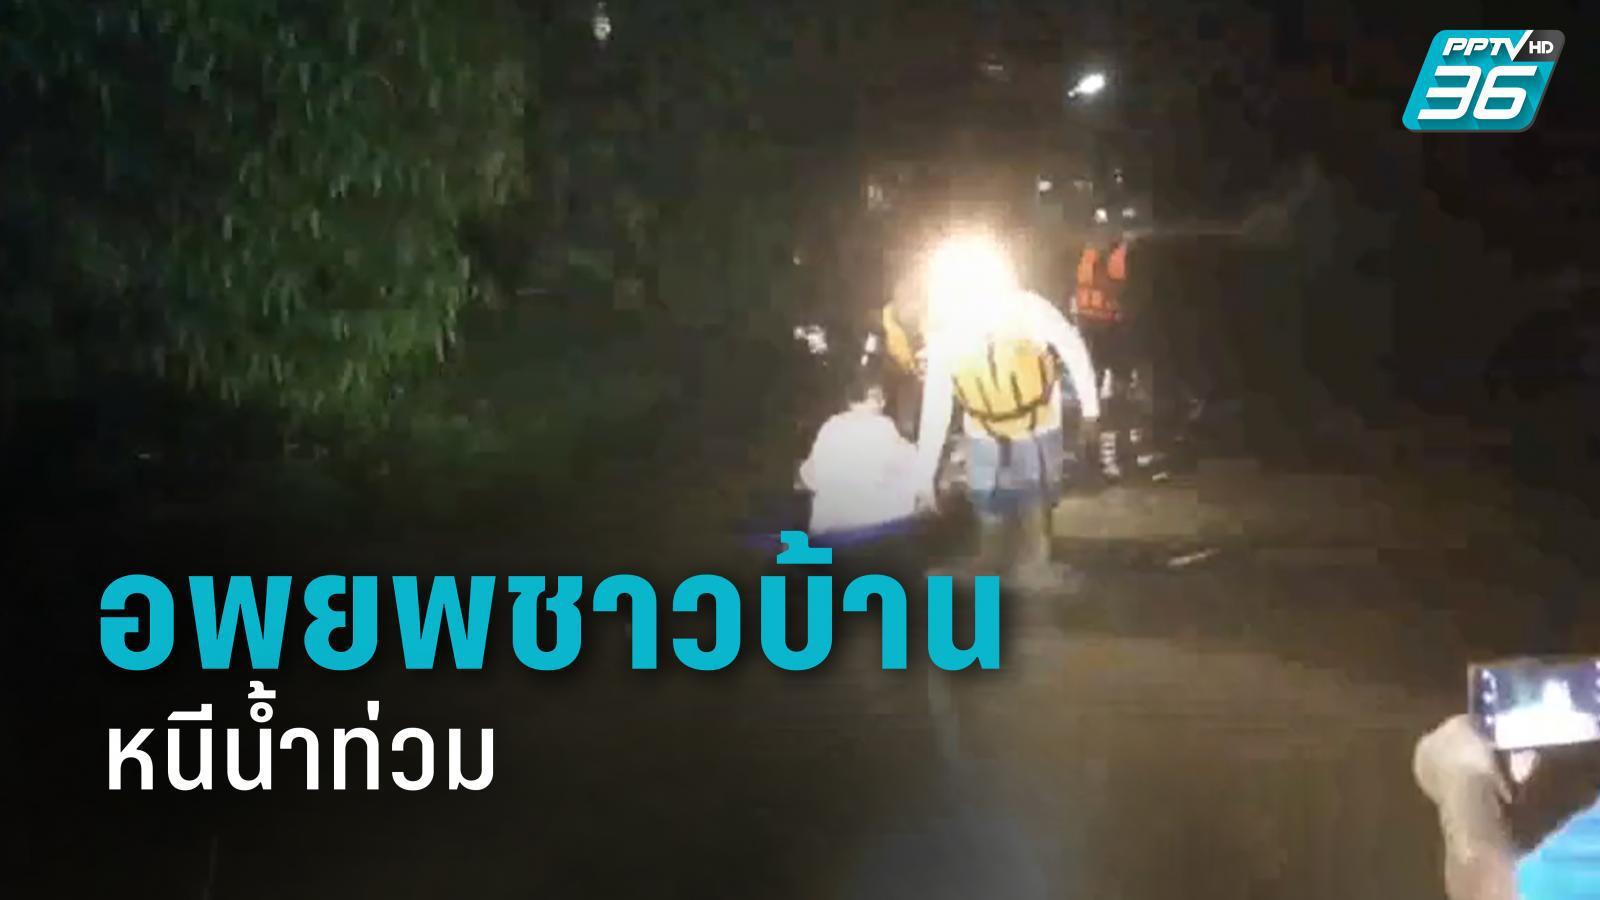 ปักธงชัย เร่งอพยพชาวบ้านหนีน้ำท่วม หลังอ่างเก็บน้ำหินตะโง่แตก